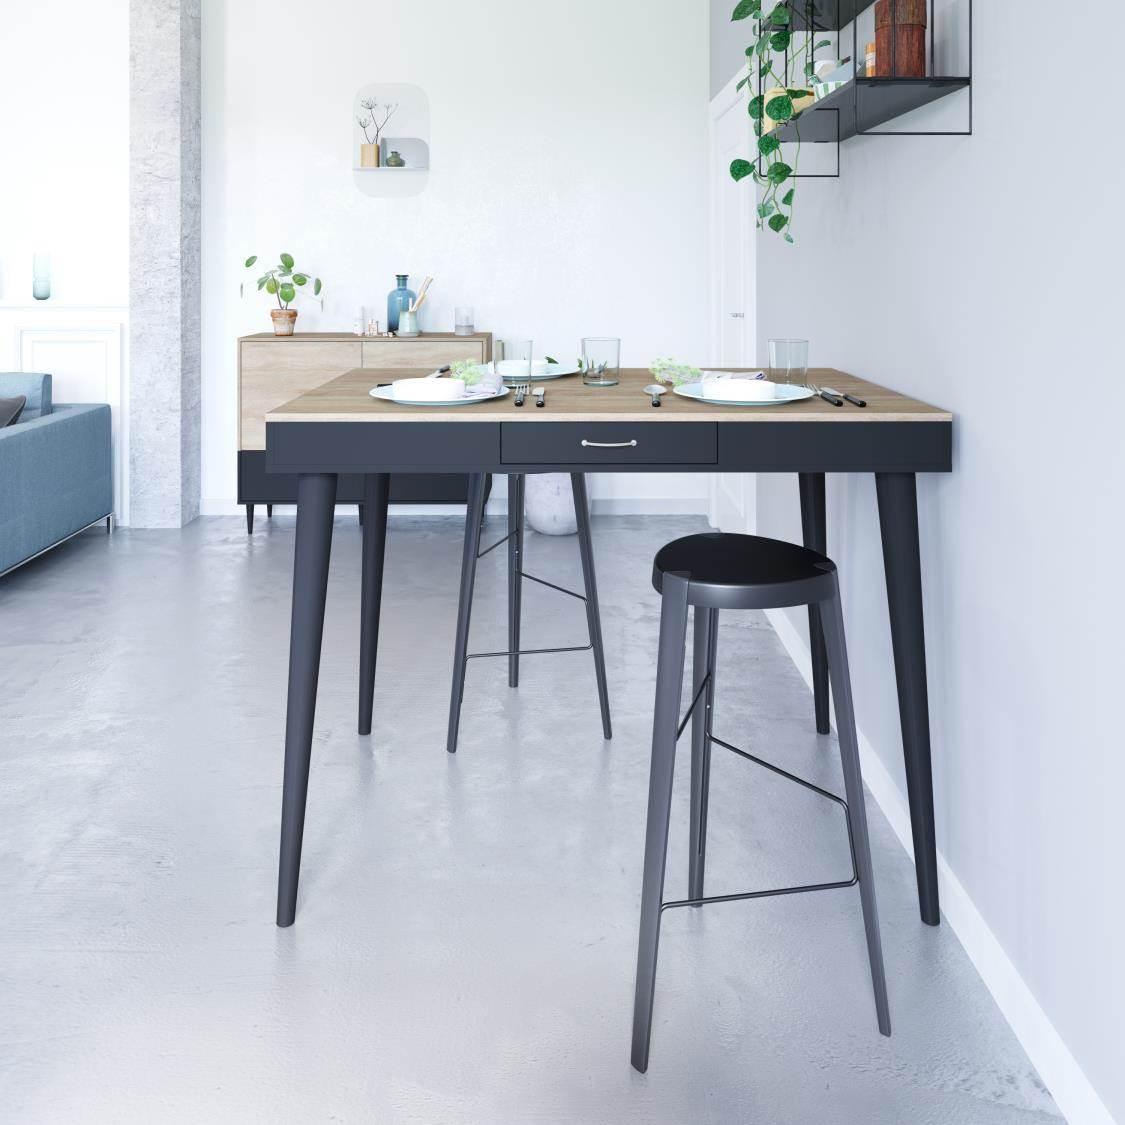 Table Chêne naturel et noir